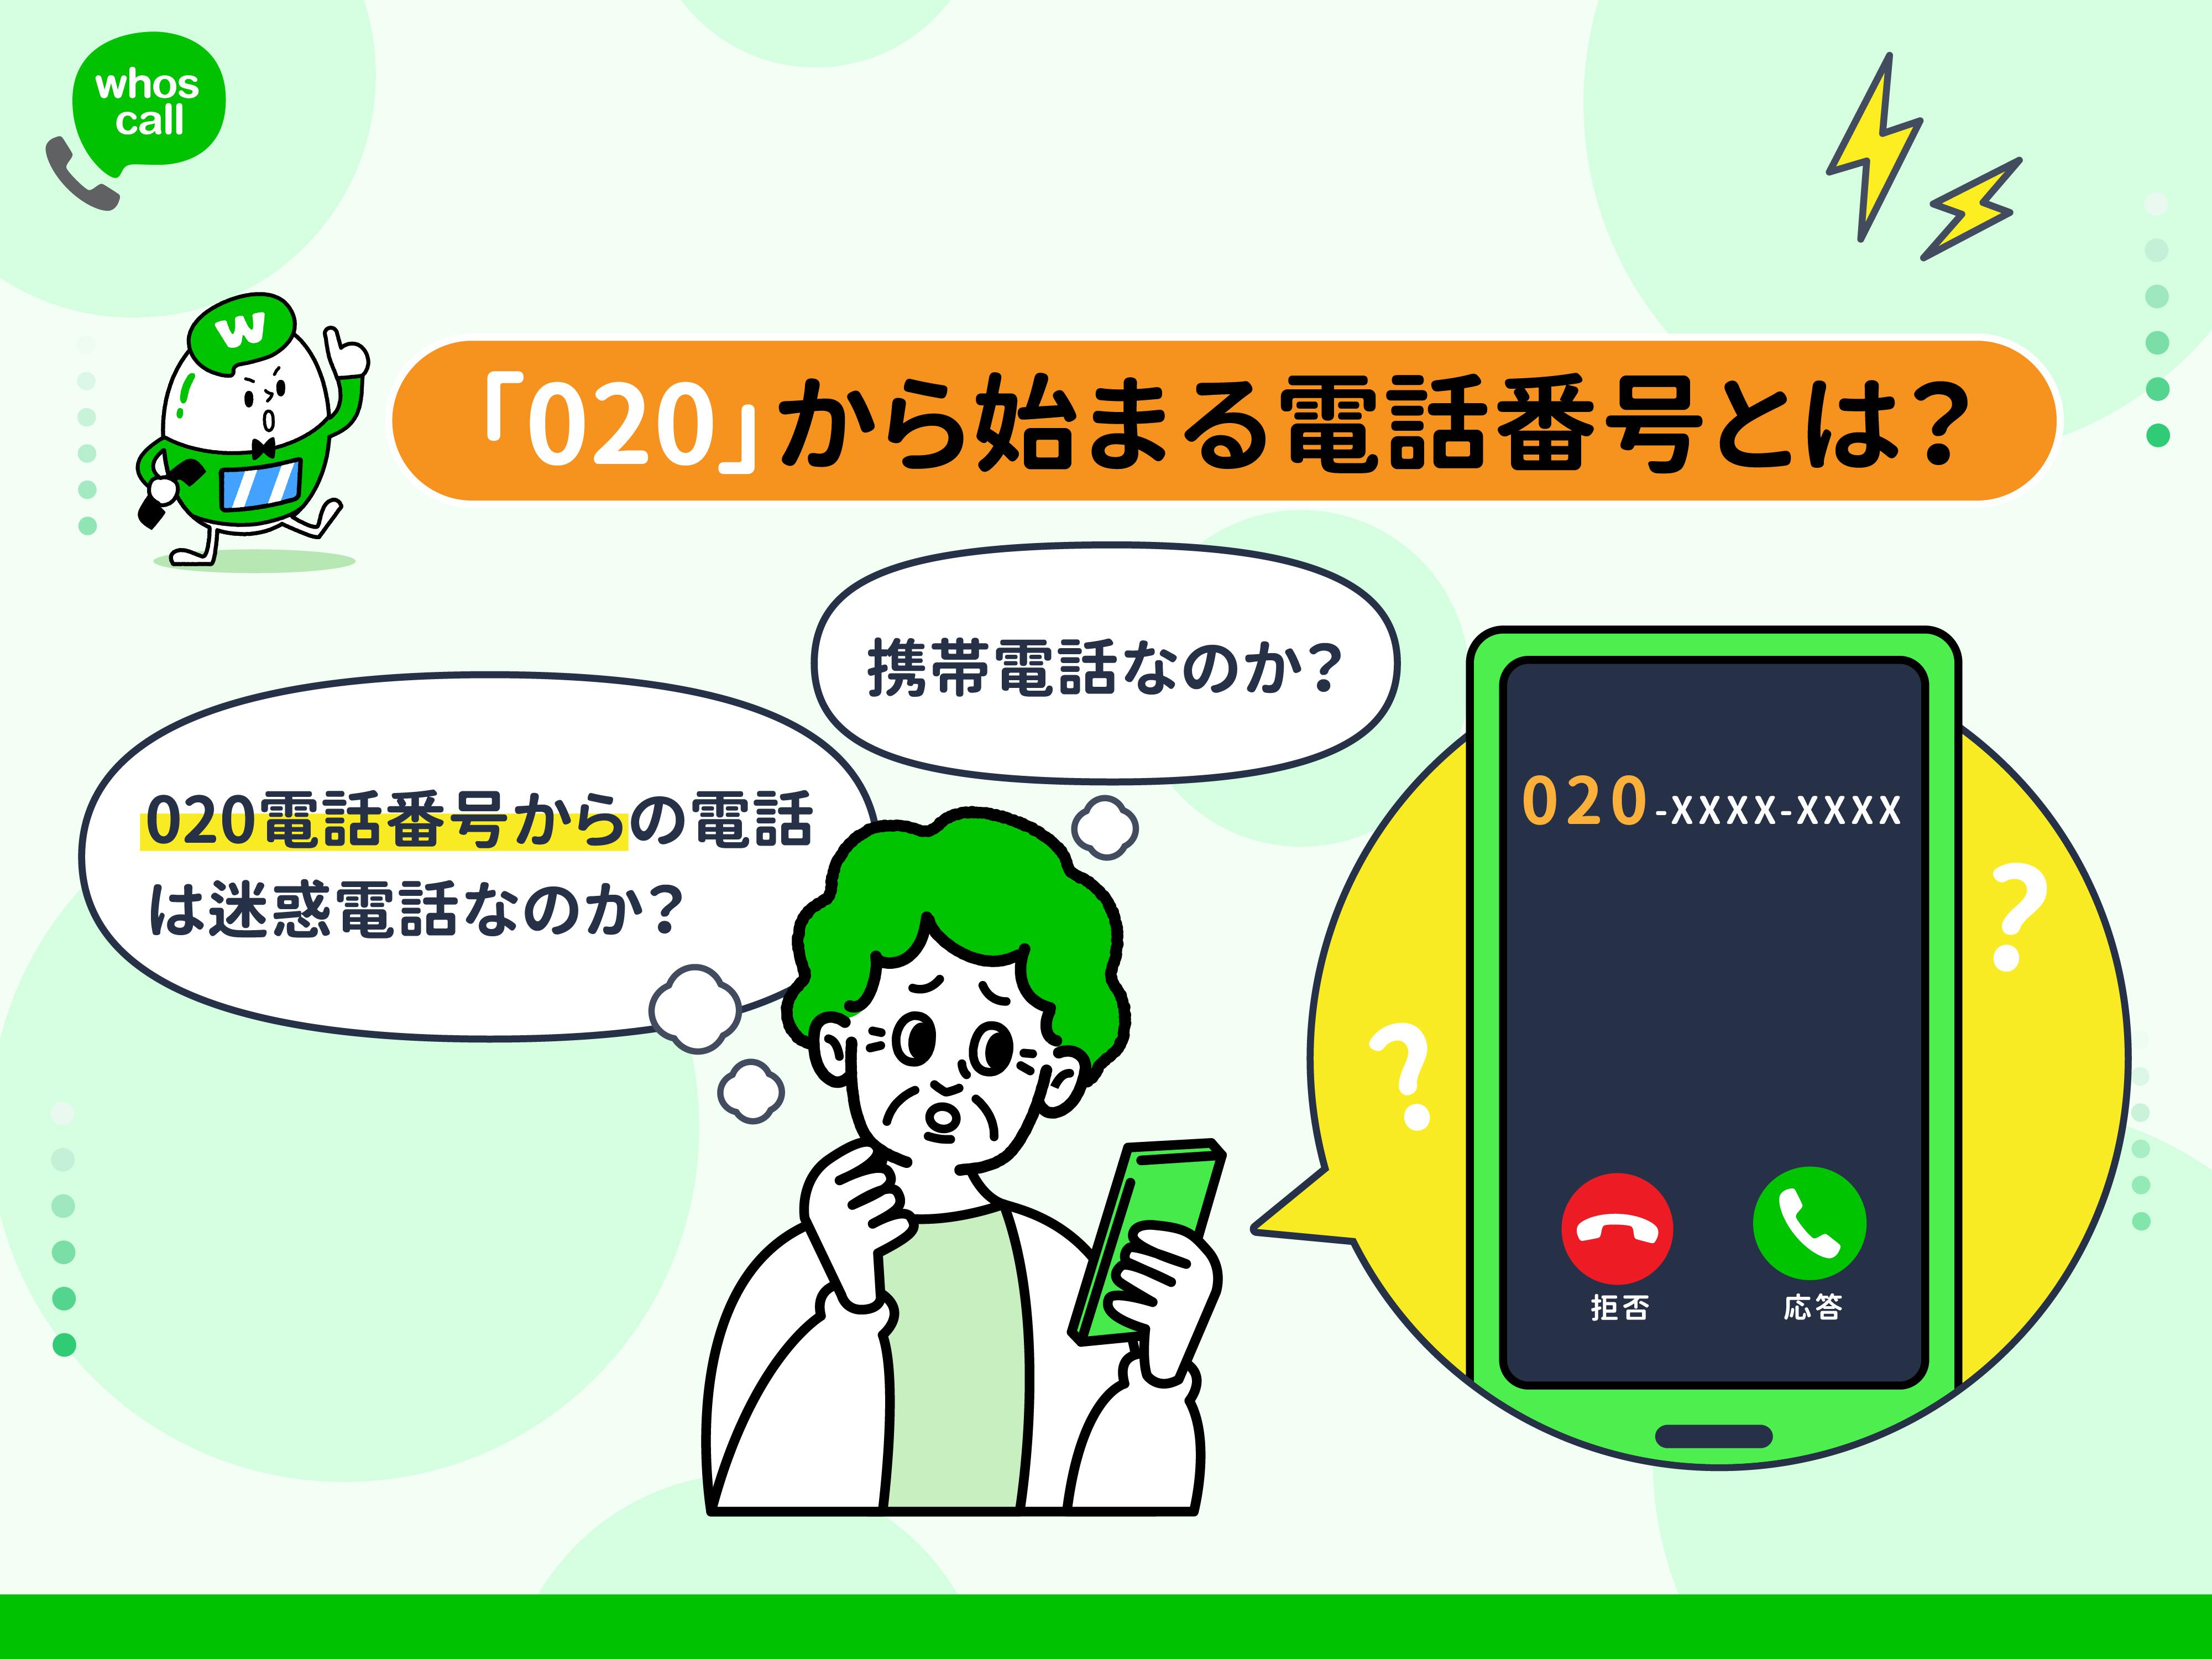 「020」で始まる電話番号とは?020電話番号からの電話は迷惑電話なのか?